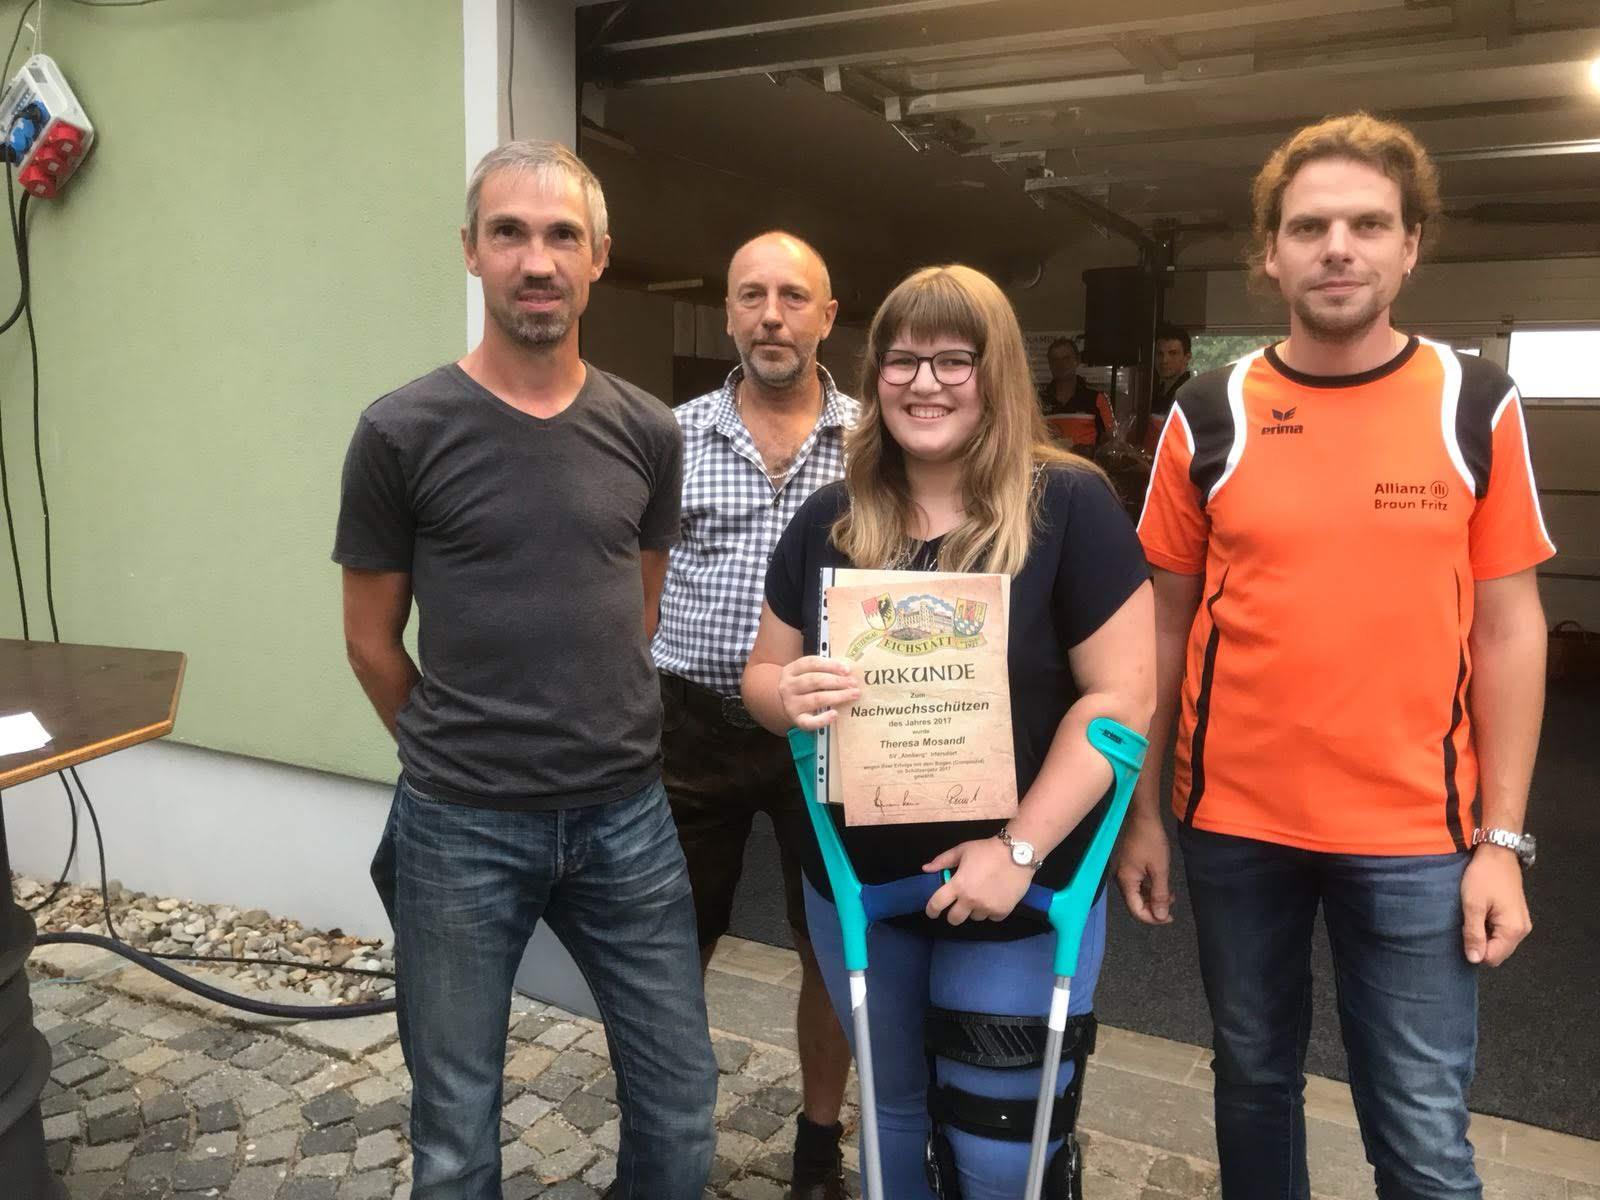 Theresa Mosandl. Beste Nachwuchsschützin des Schützengaues Eichstätt im Jahre 2017